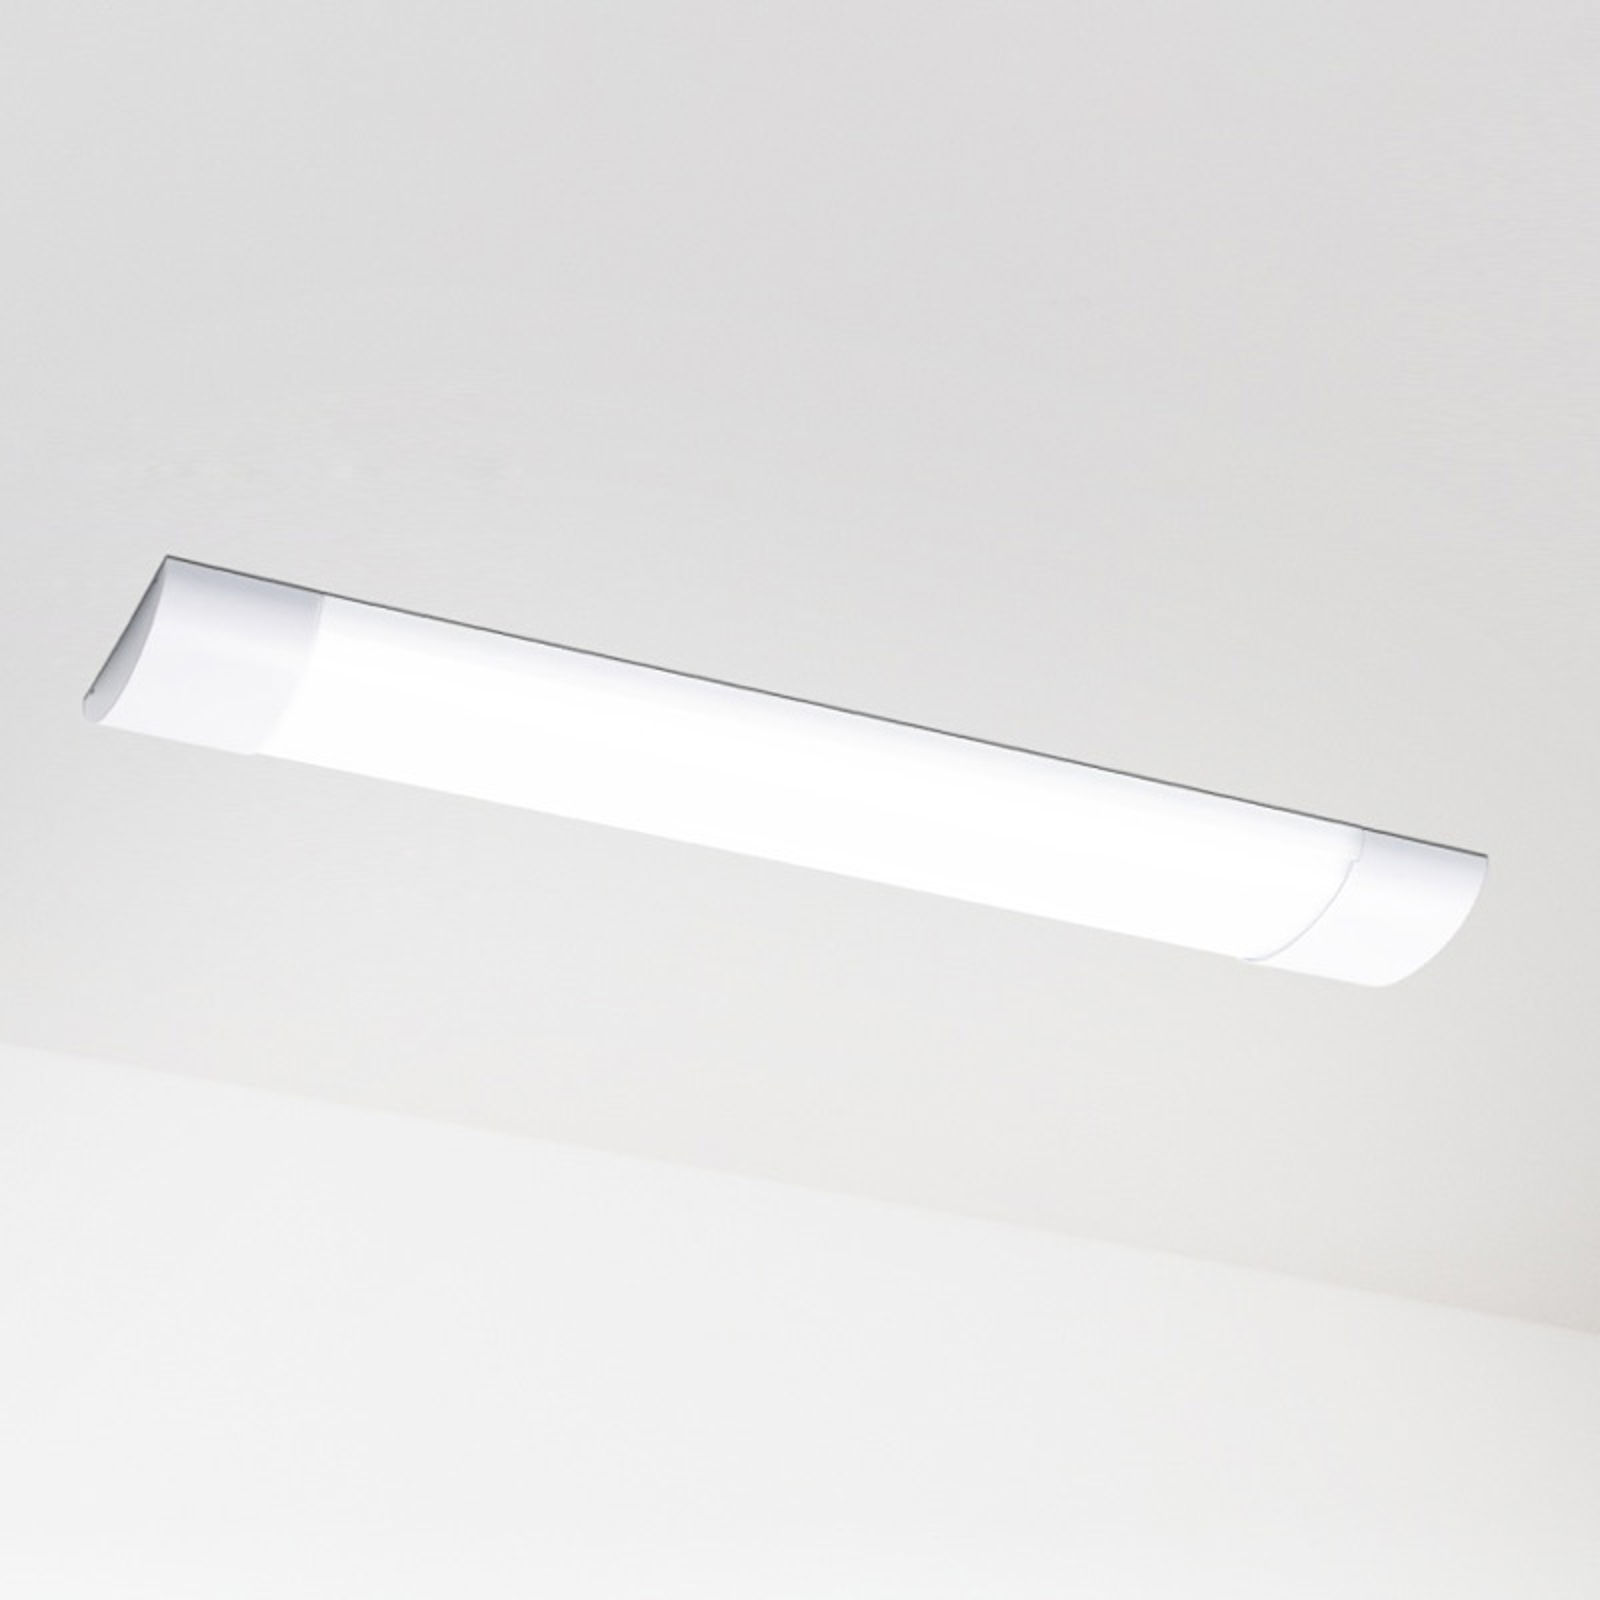 Lampa sufitowa LED Scala Dim 60 z aluminium